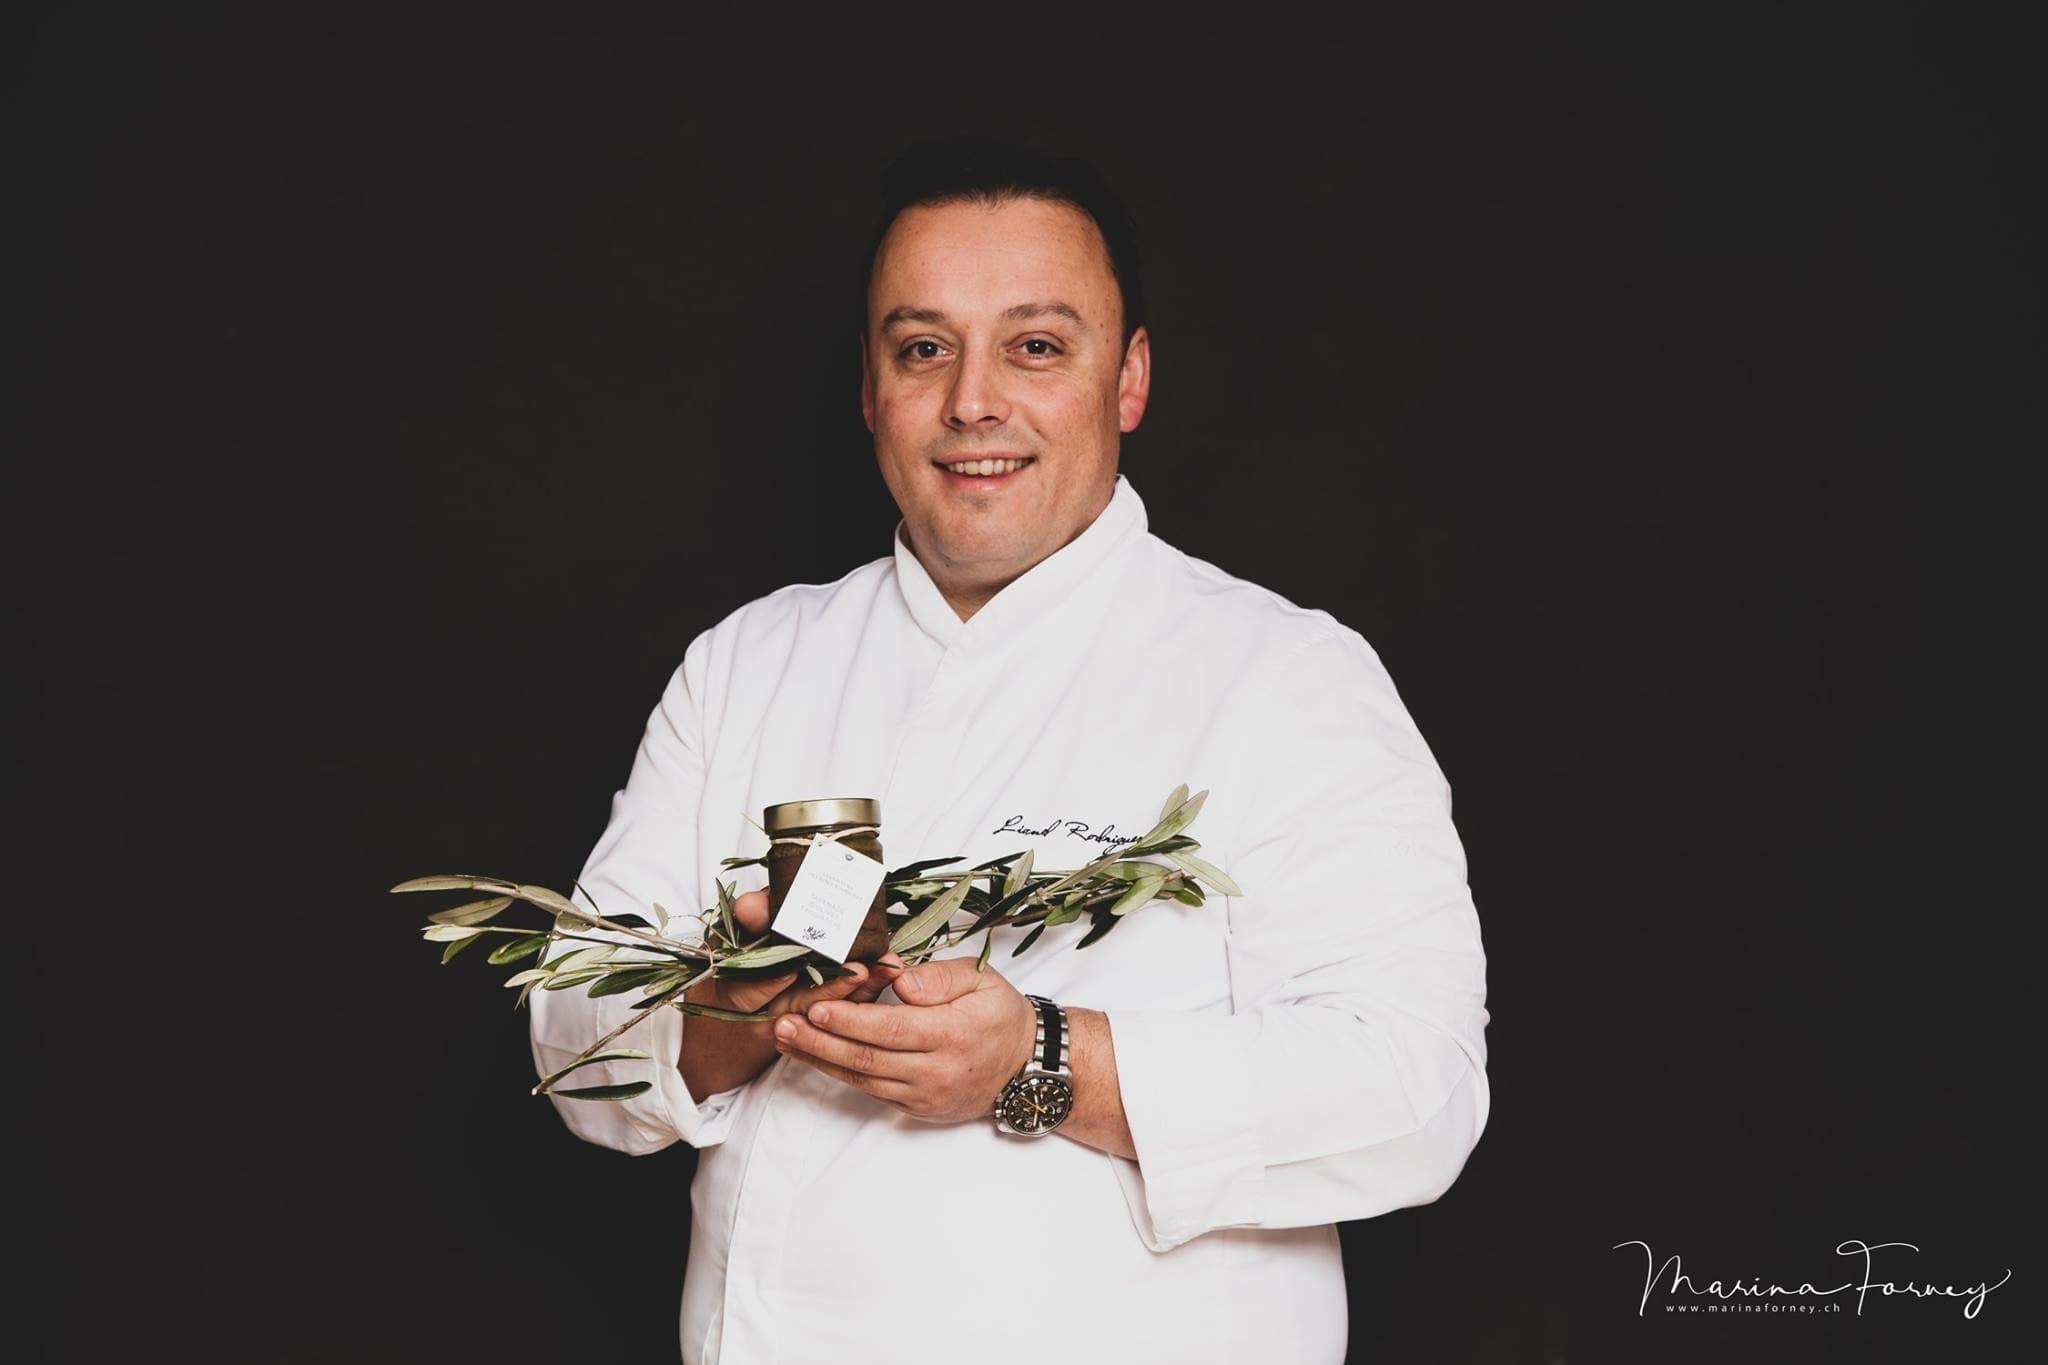 Lionel Rodriguez